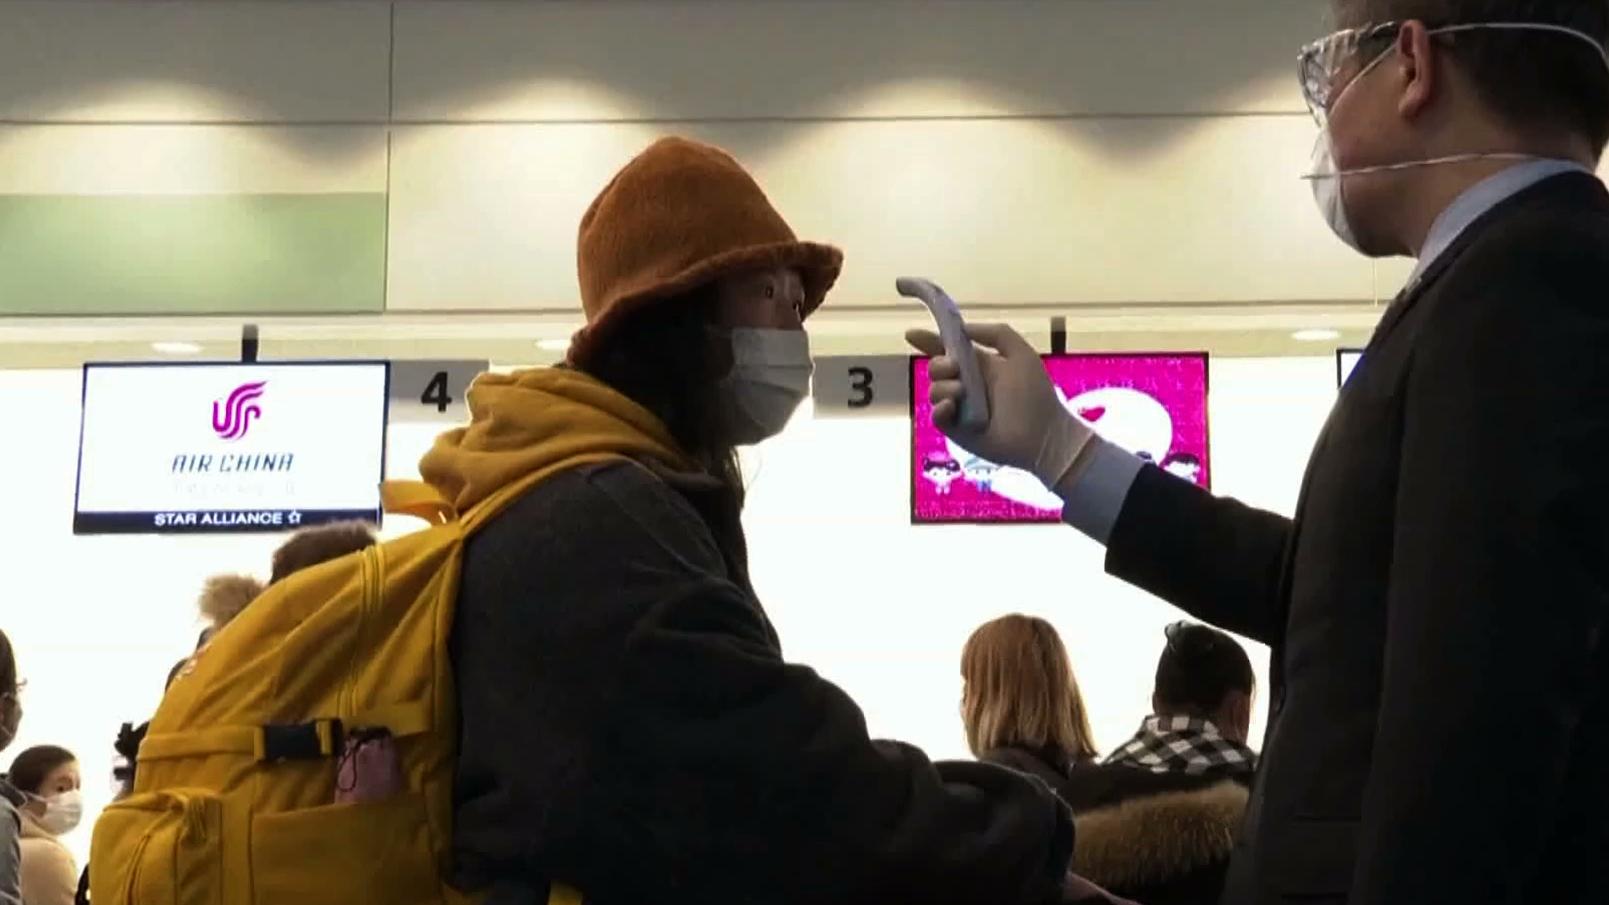 Osoby wracające z Włoch do Polski powinny się zgłosić, jeśli mają objawy grypy